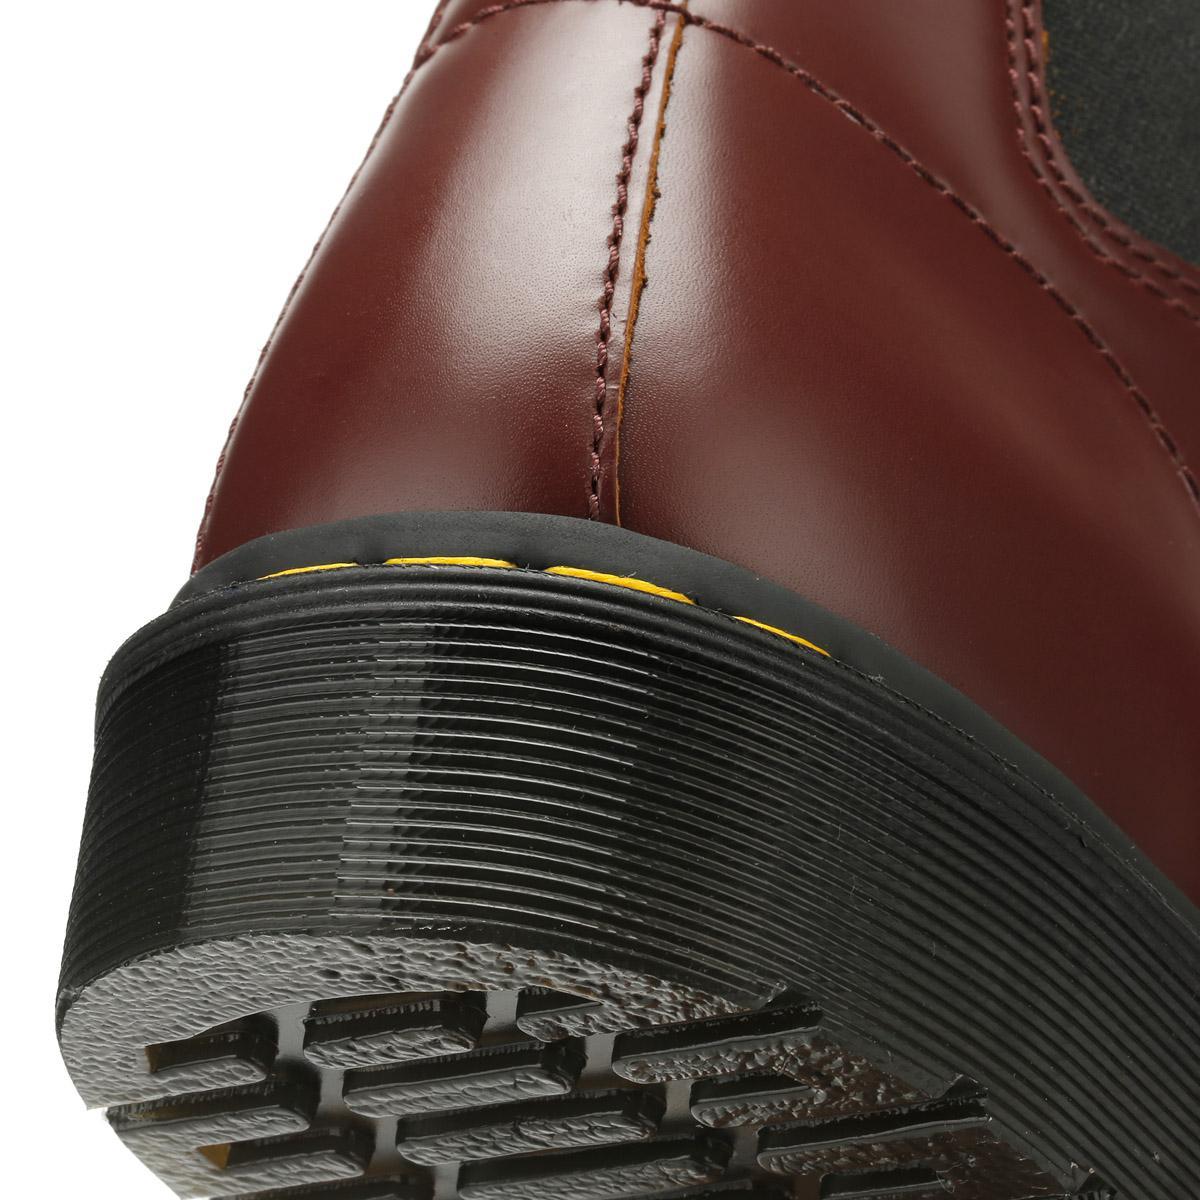 6c656b1d Dr. Martens Dr. Martens Mens Oxblood Burgundy Vintage 101 Gst Boots ...